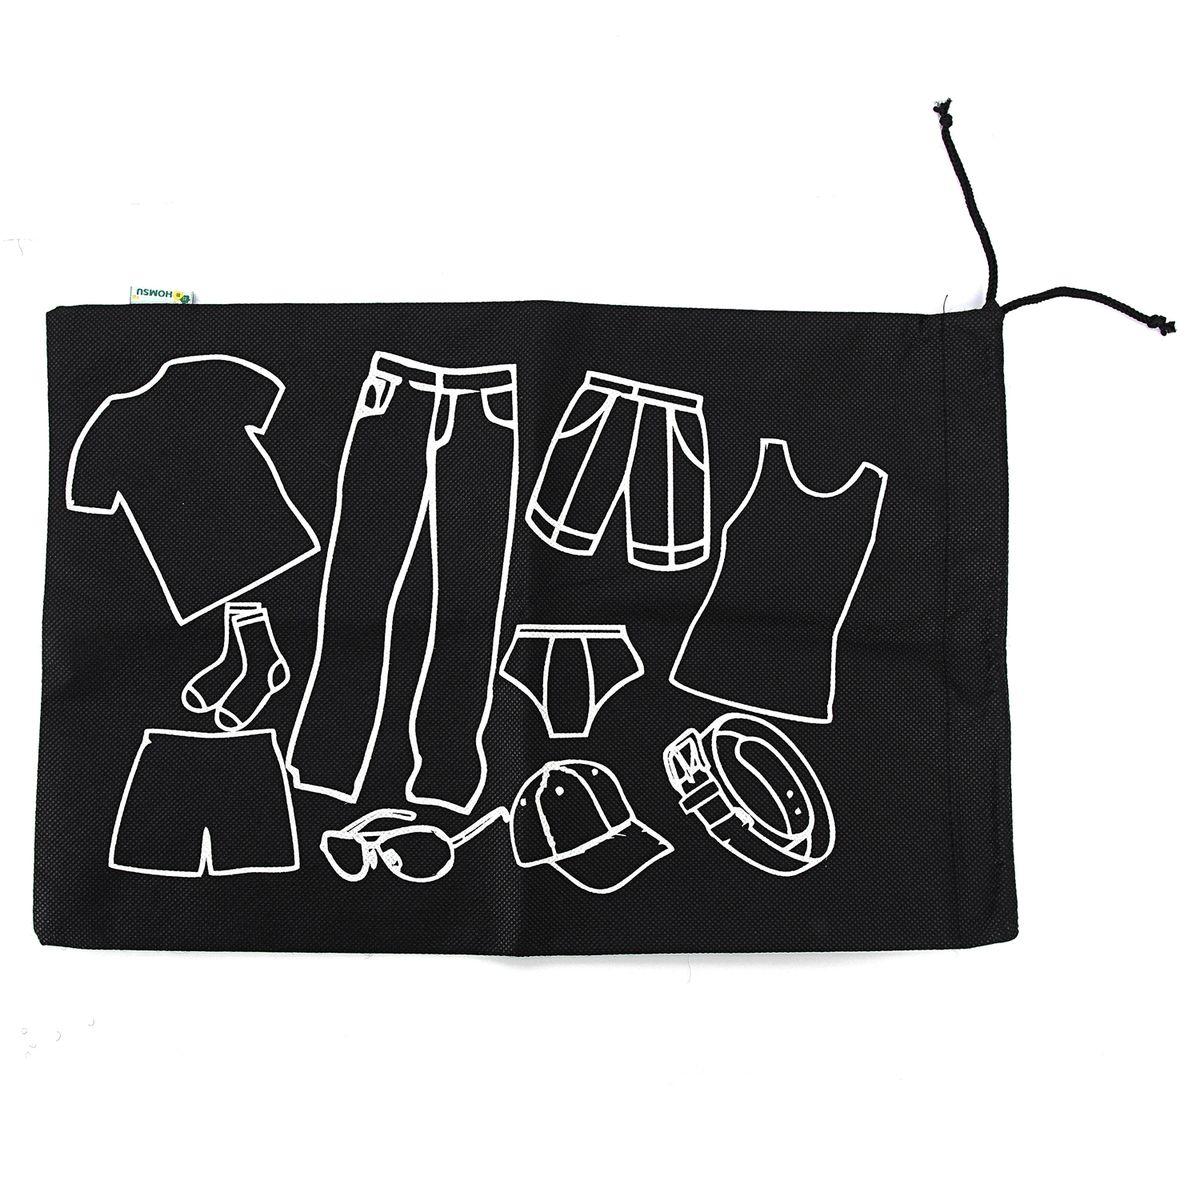 Органайзер для вещей Homsu Men in Black, 45 х 30 см2511017TBУдобный органайзер для хранения и перевозки вещей. Изготовлен из высококачественного материала, поможет полноценно сберечь вашу одежду, как в домашнем хранении, так и во время транспортировки. Размер изделия:45x30см.